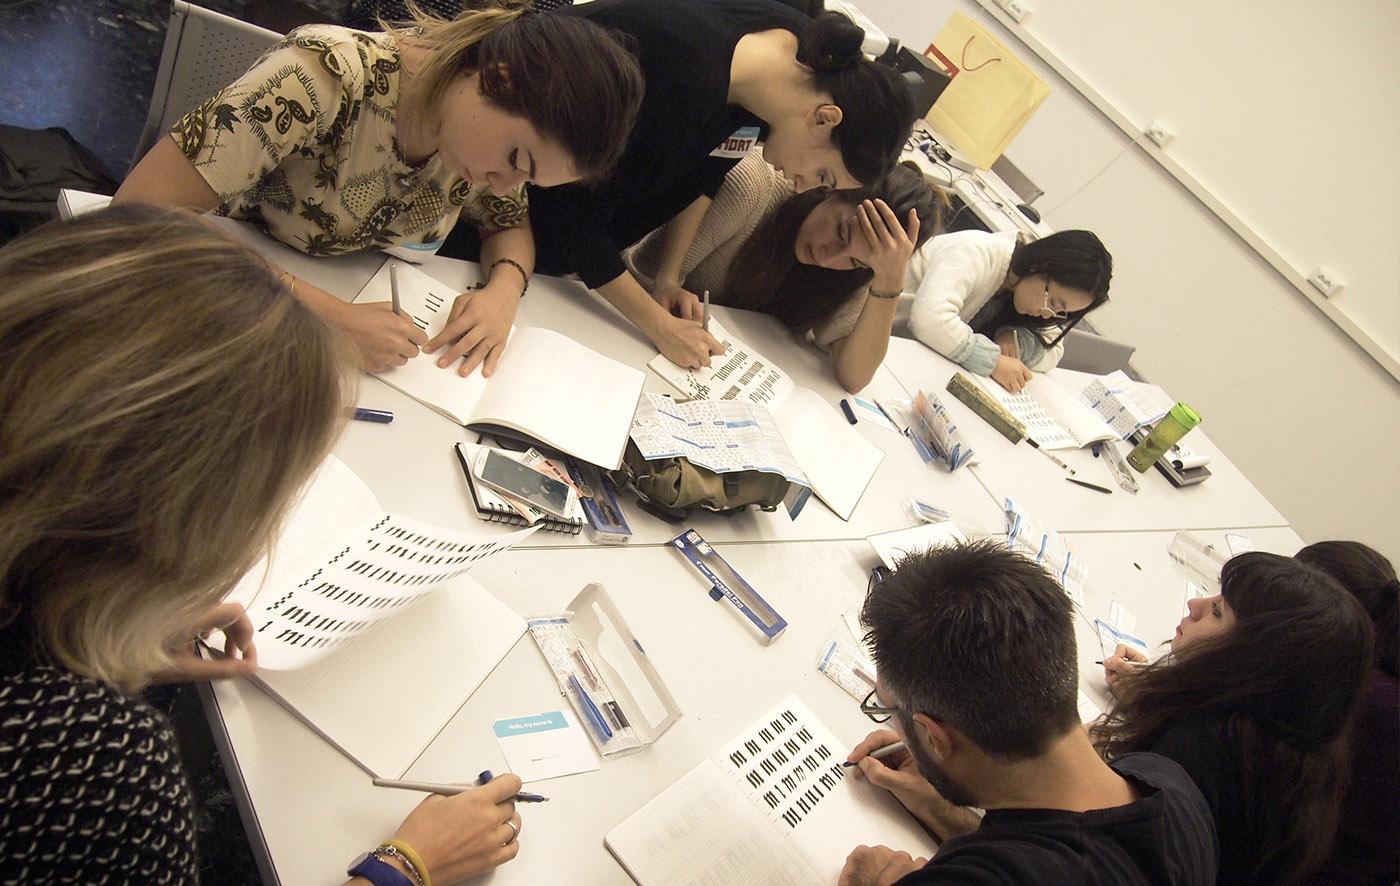 13-Workshop-di-calligrafia Disegnare caratteri tipografici a Firenze: un corso di tipografia e calligrafia targato IED